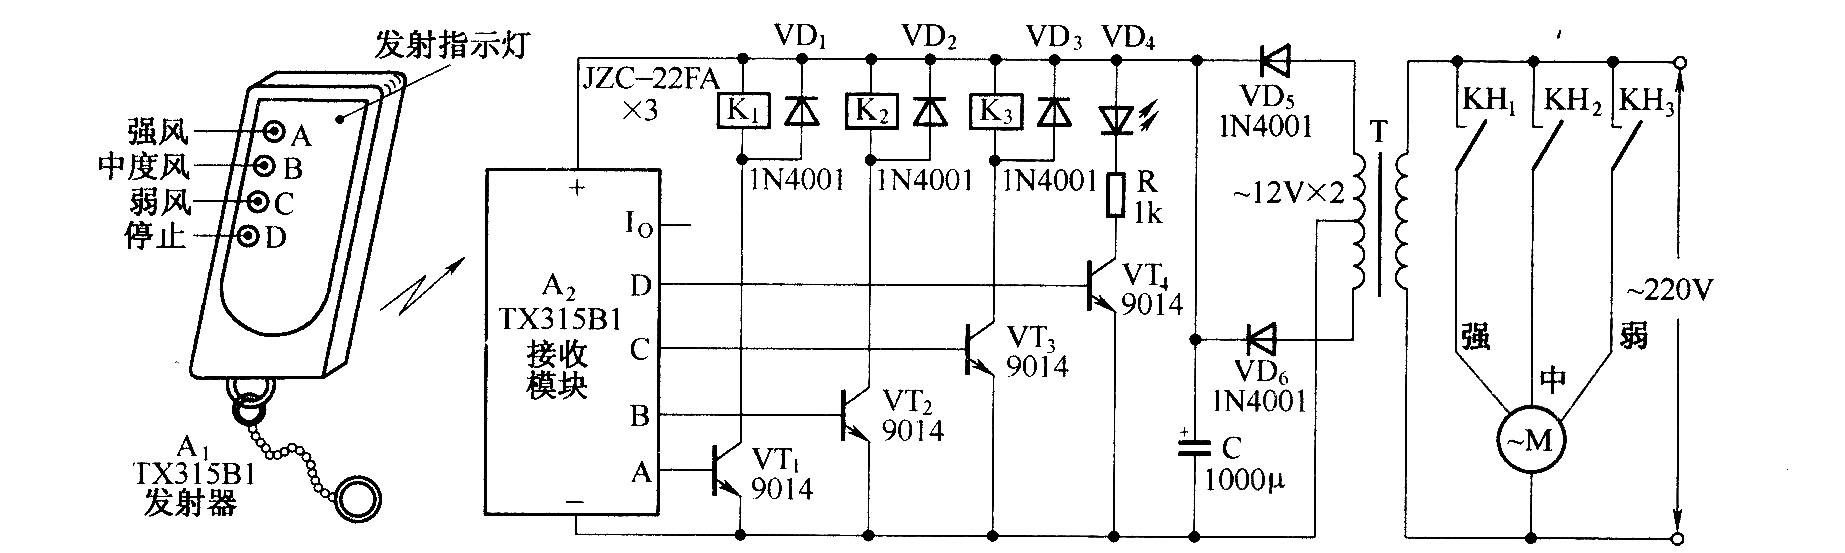 电风扇遥控调速电路(tx315b1)